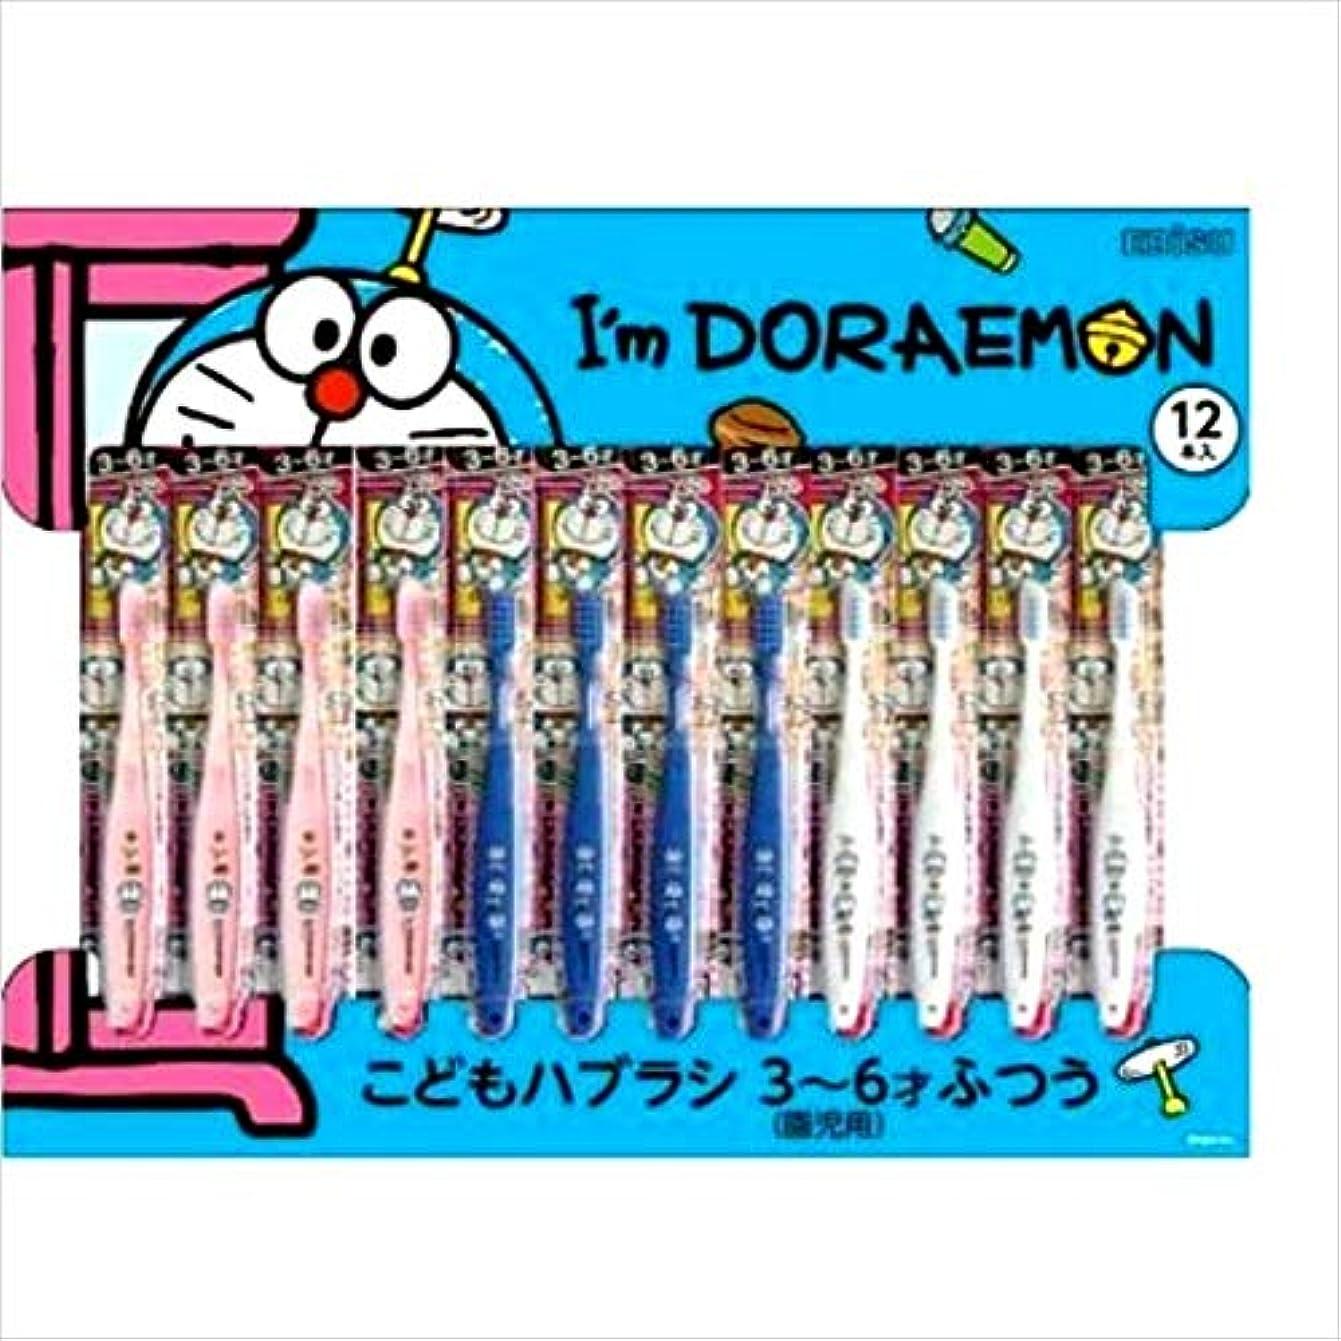 店員女王エコーI'M DORAEMON 子供用 歯ブラシ 12本入り